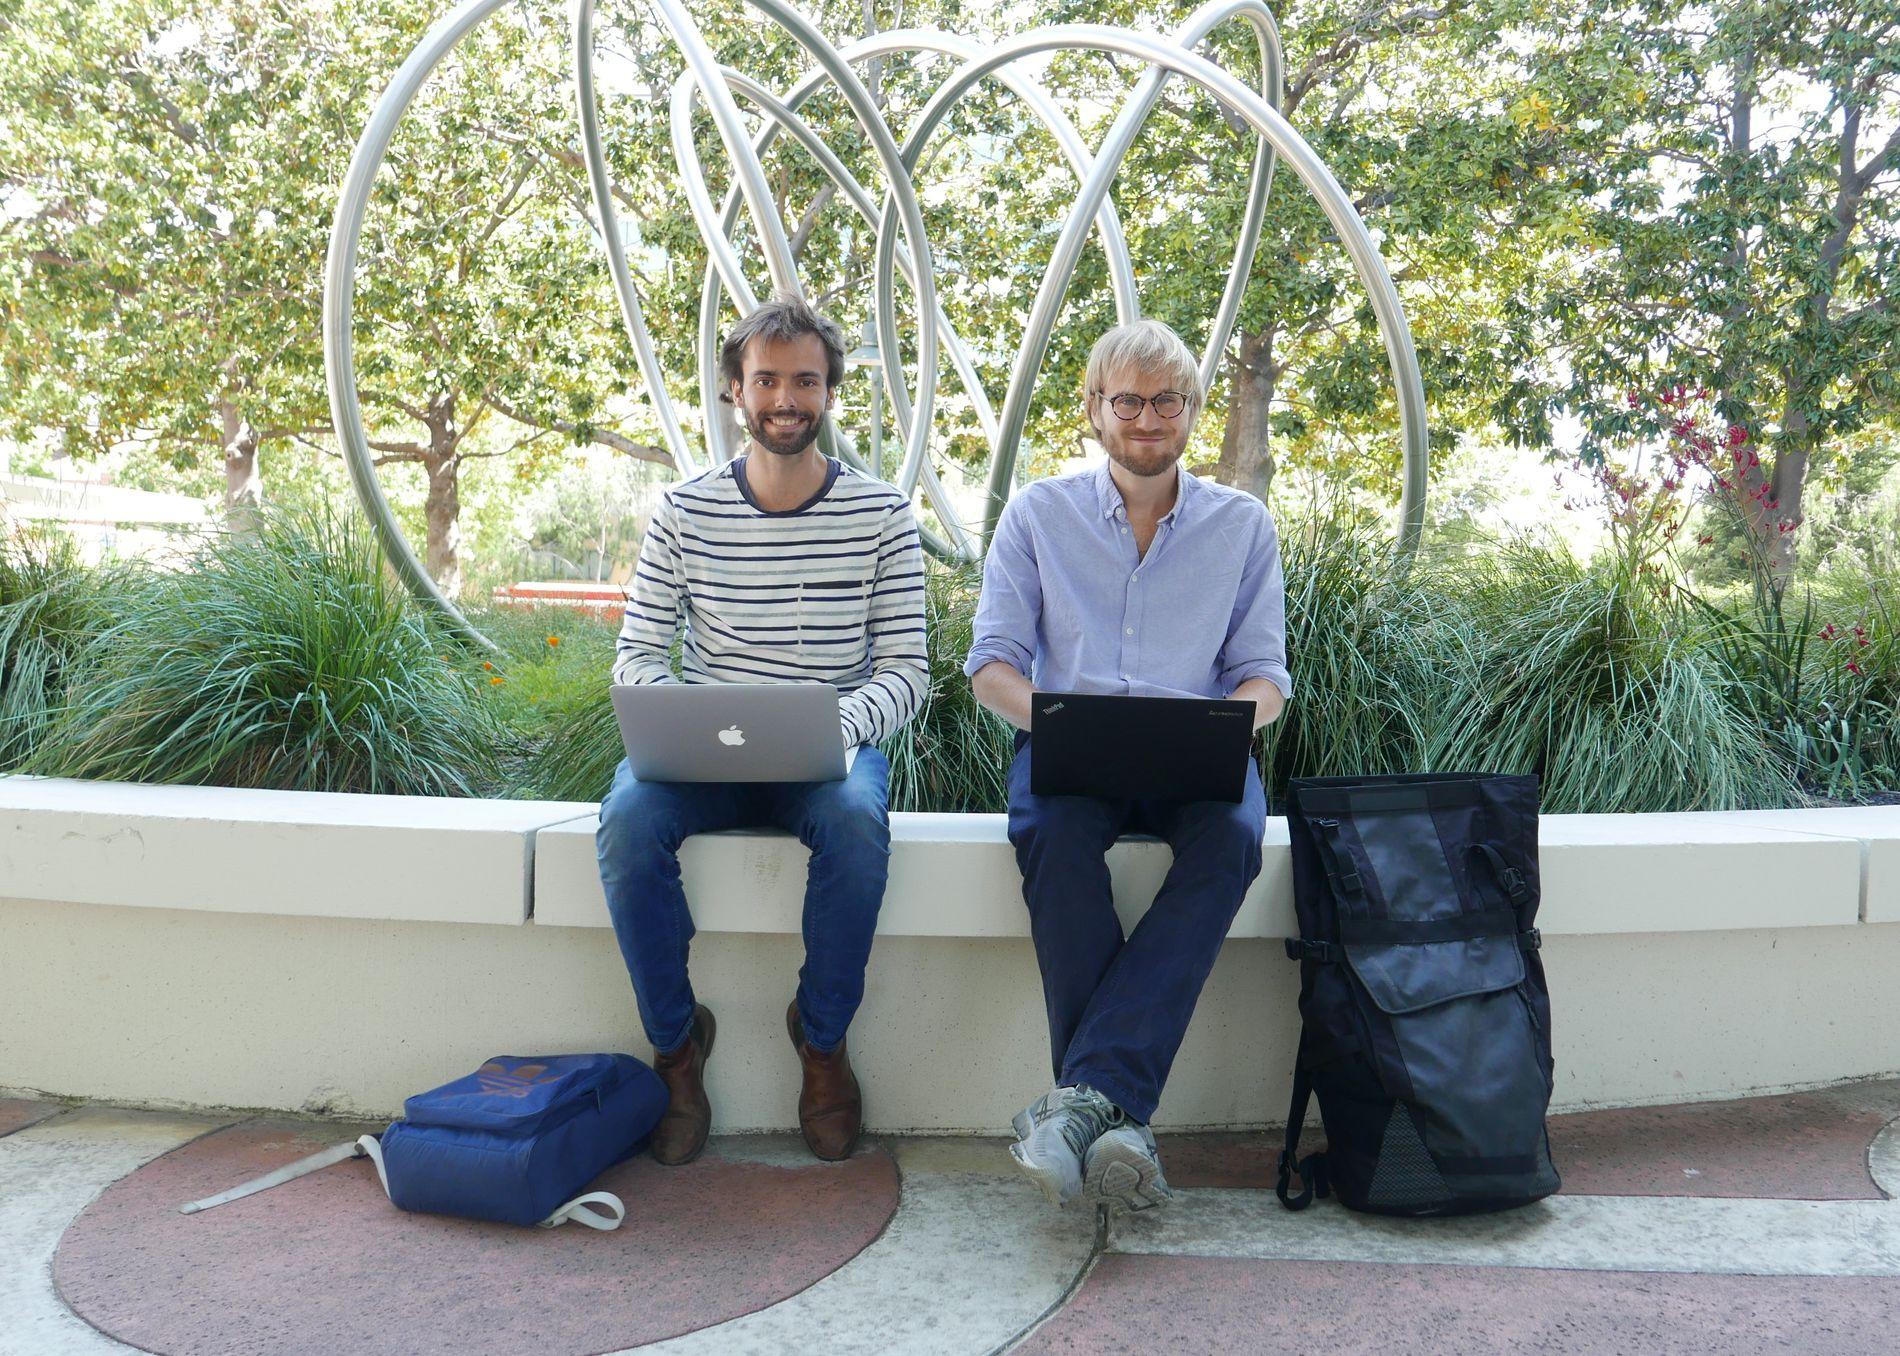 UTFORDRER BRANSJEN: Studievennene Sondre Rasch (FV) og Fredrik Thomassen har utviklet en tjeneste som forandrer vikar- og bemanningsbranjsen over hele verden. Selskapet heter Konsus og er et av Silicon Valleys hurtigst voksende start-ups.